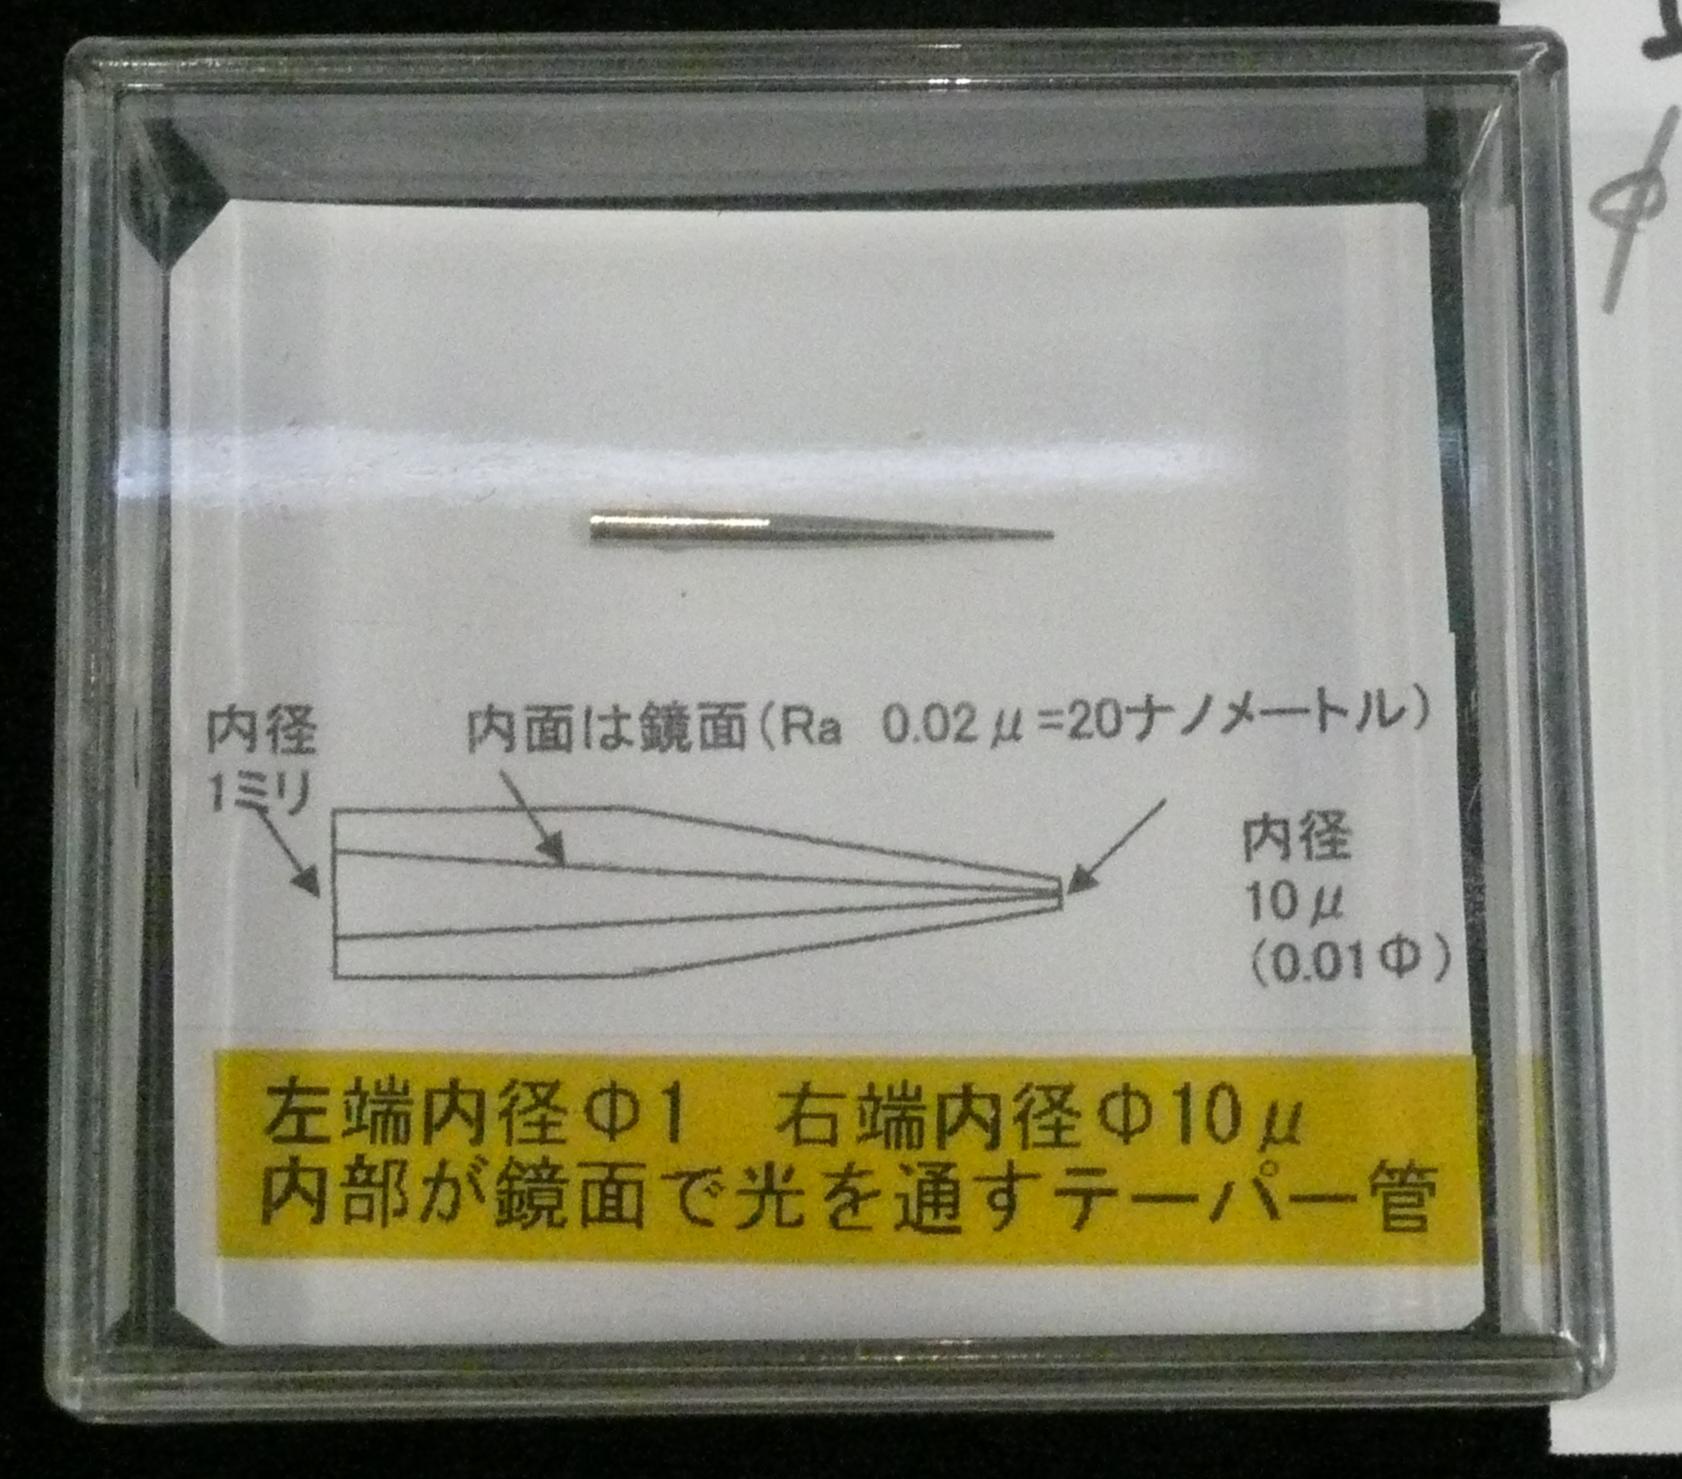 インパクト,出射口がφ10μmの超微細レーザ用ノズルを開発